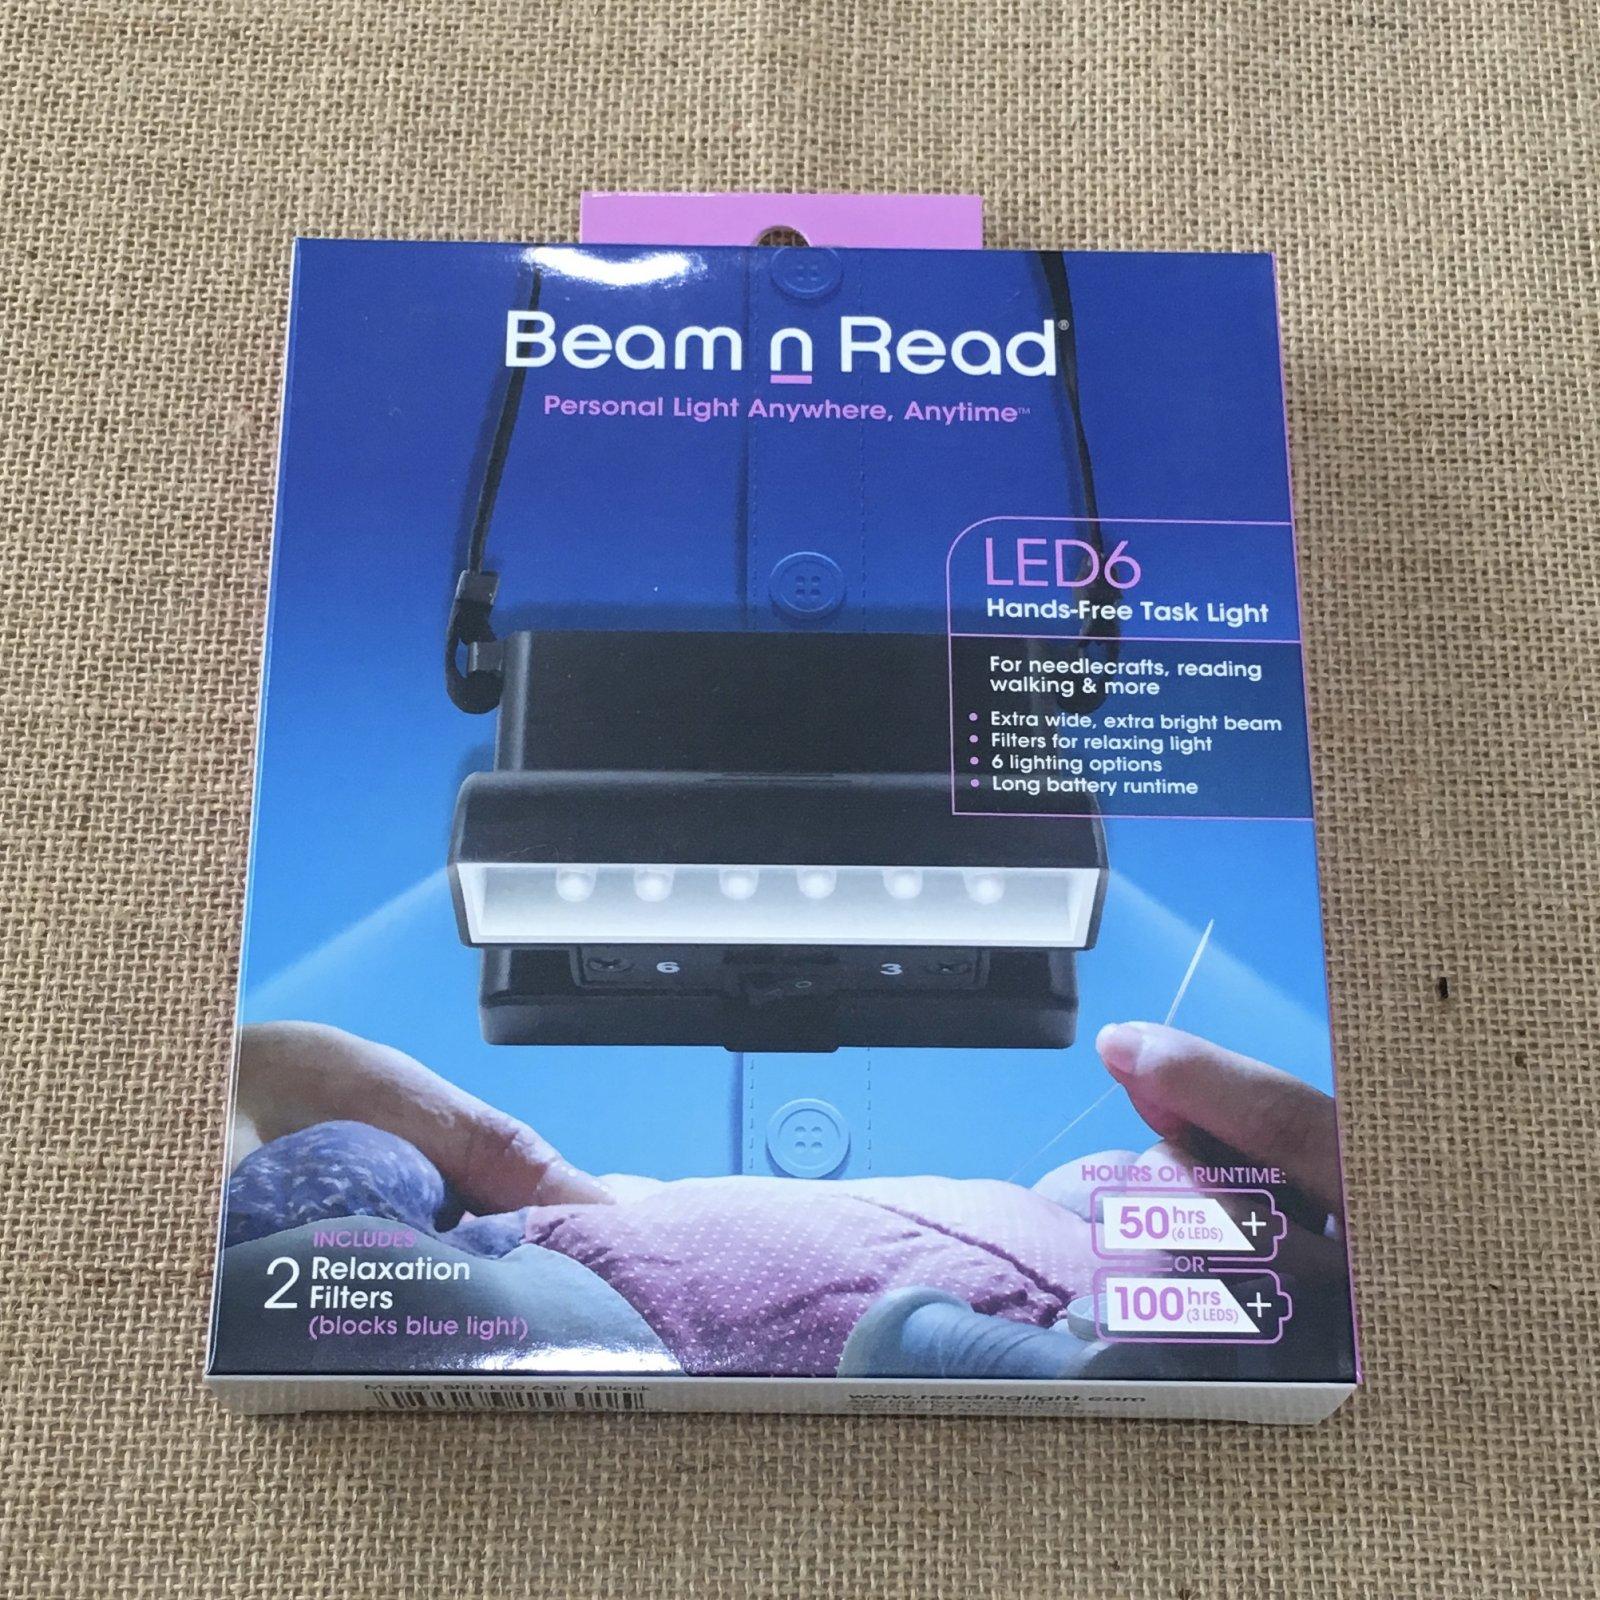 Beam n Read LED6 Hands-Free Task Light